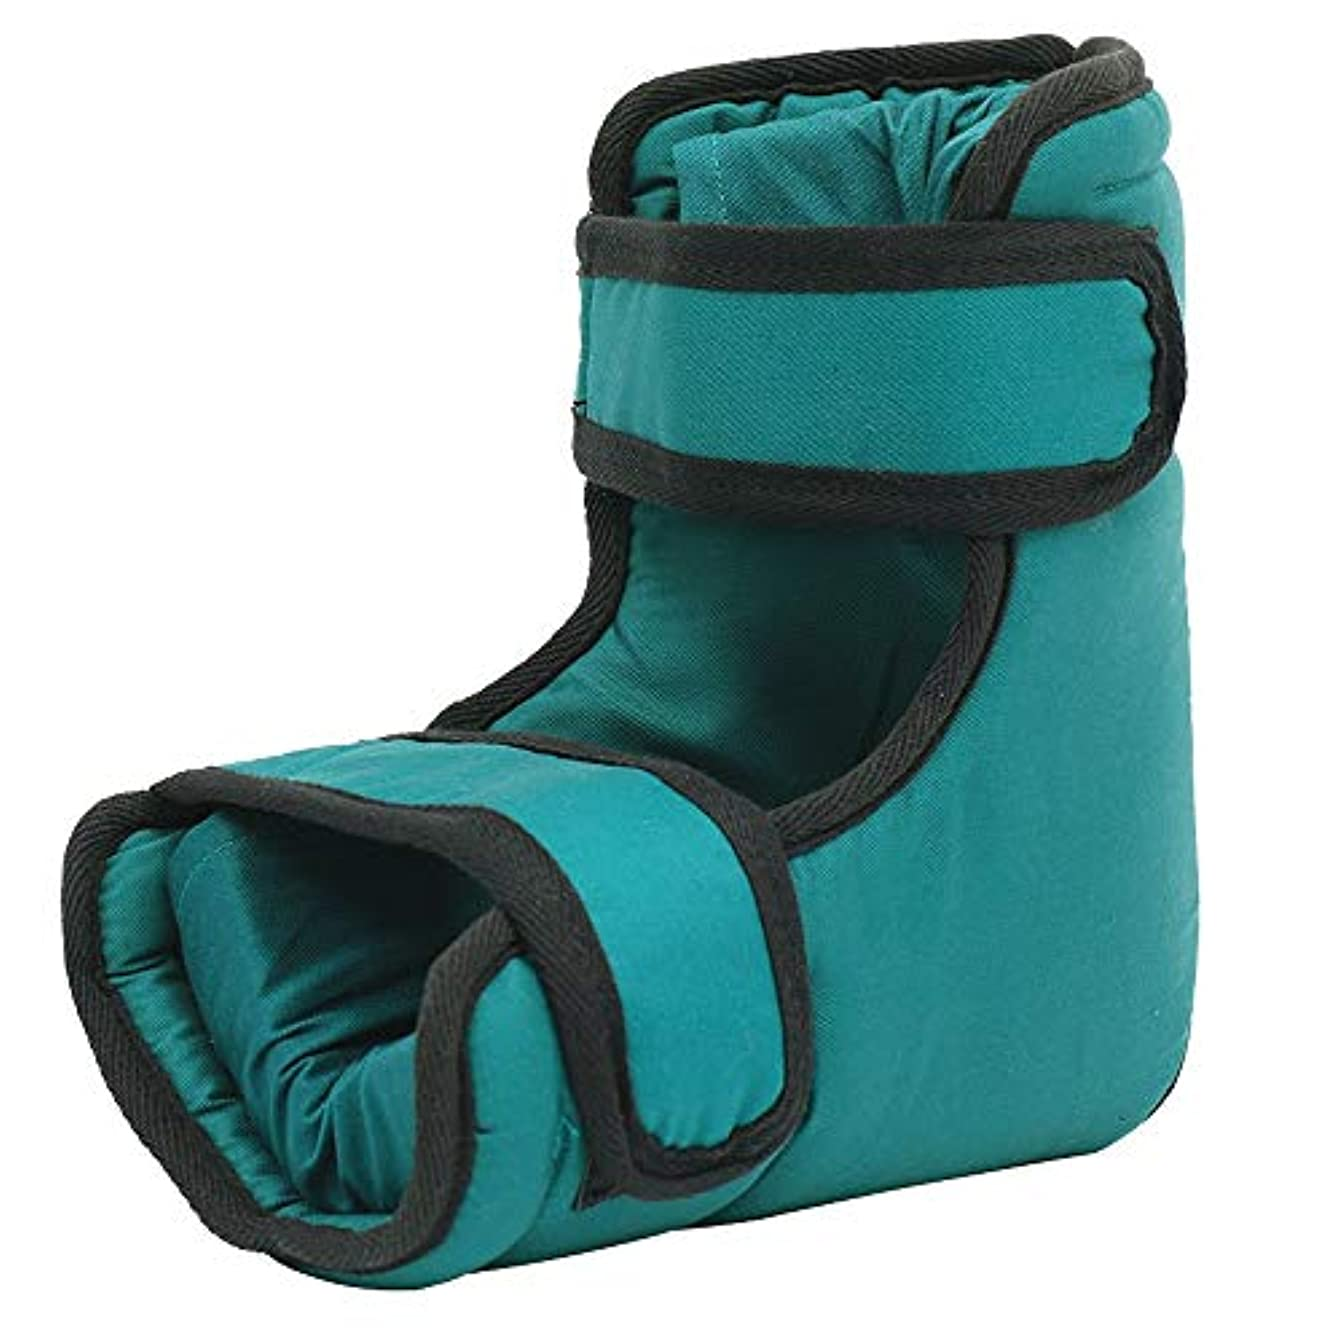 サイレン圧縮パネルTONGSH かかとの枕、かかとのブーツ、足底筋膜炎、アキレス腱炎、かかとの拍車、かかとプロテクターの靴、荷を下すかかとと足首のプロテクター